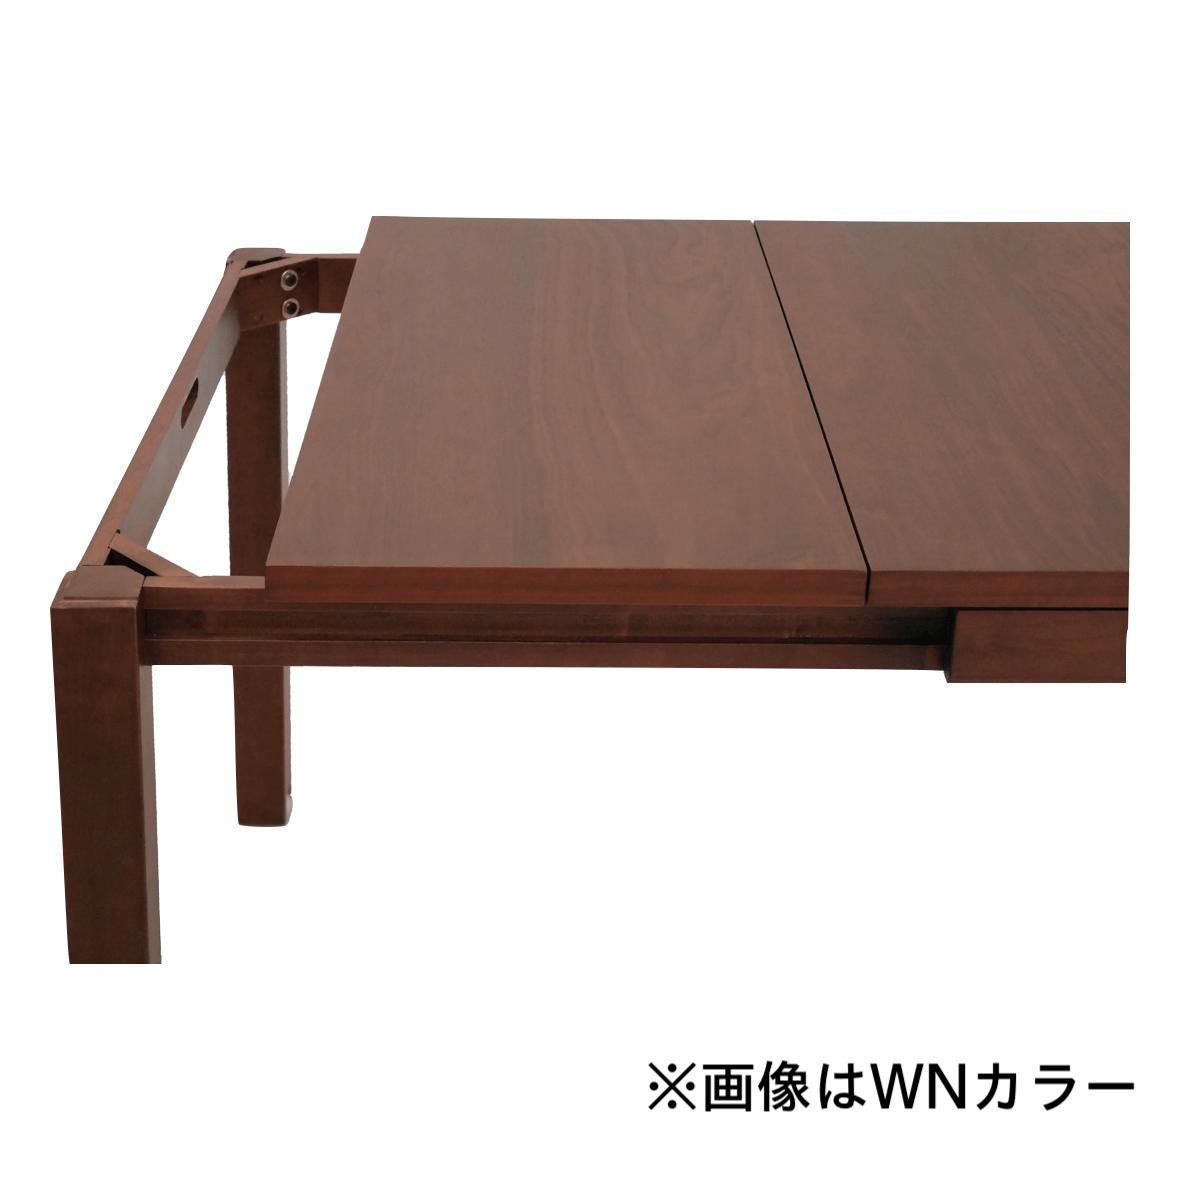 ロサリオNEXT NA 1400 EXテーブル11